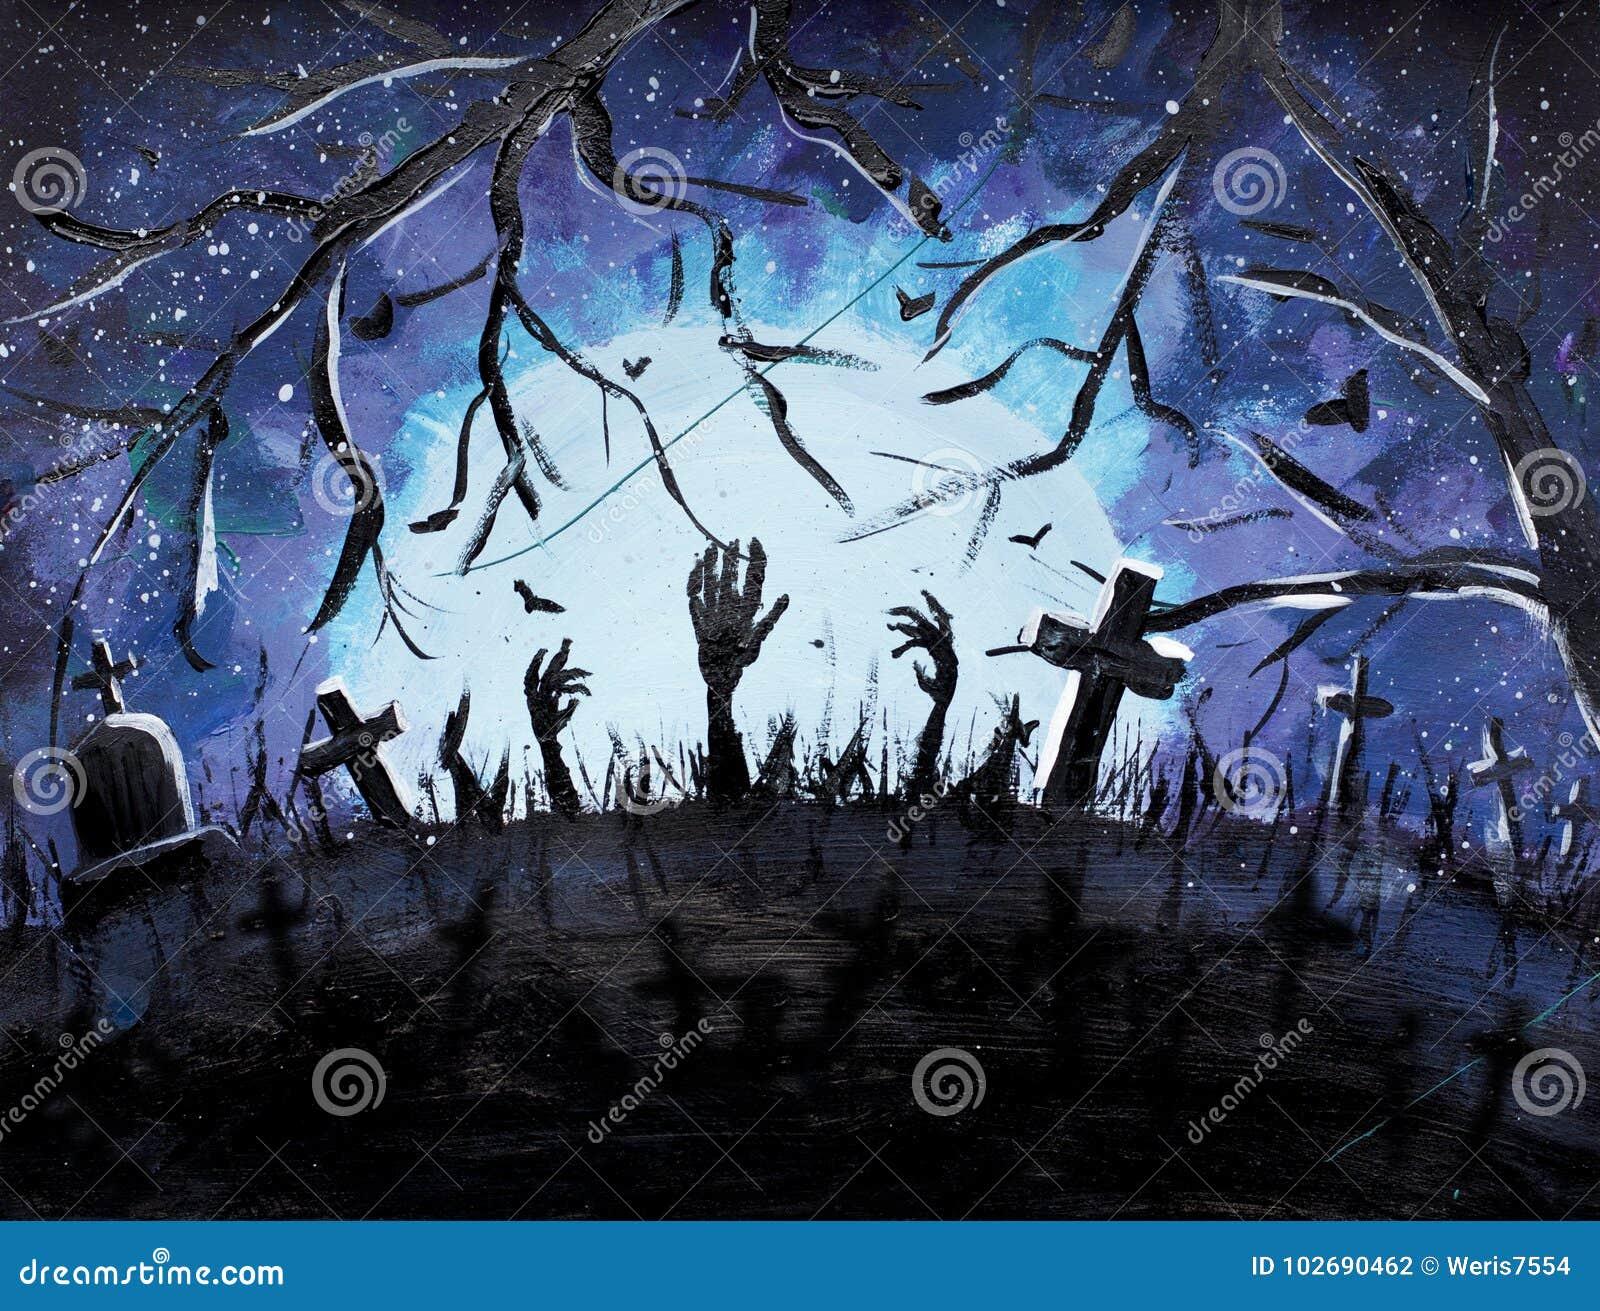 Art De Halloween, Tombes Foncées Et Battes Dans La Peinture Bleue De Forêt,  Illustration Musique De Nuit Illustration Stock - Illustration du tombes,  halloween: 102690462